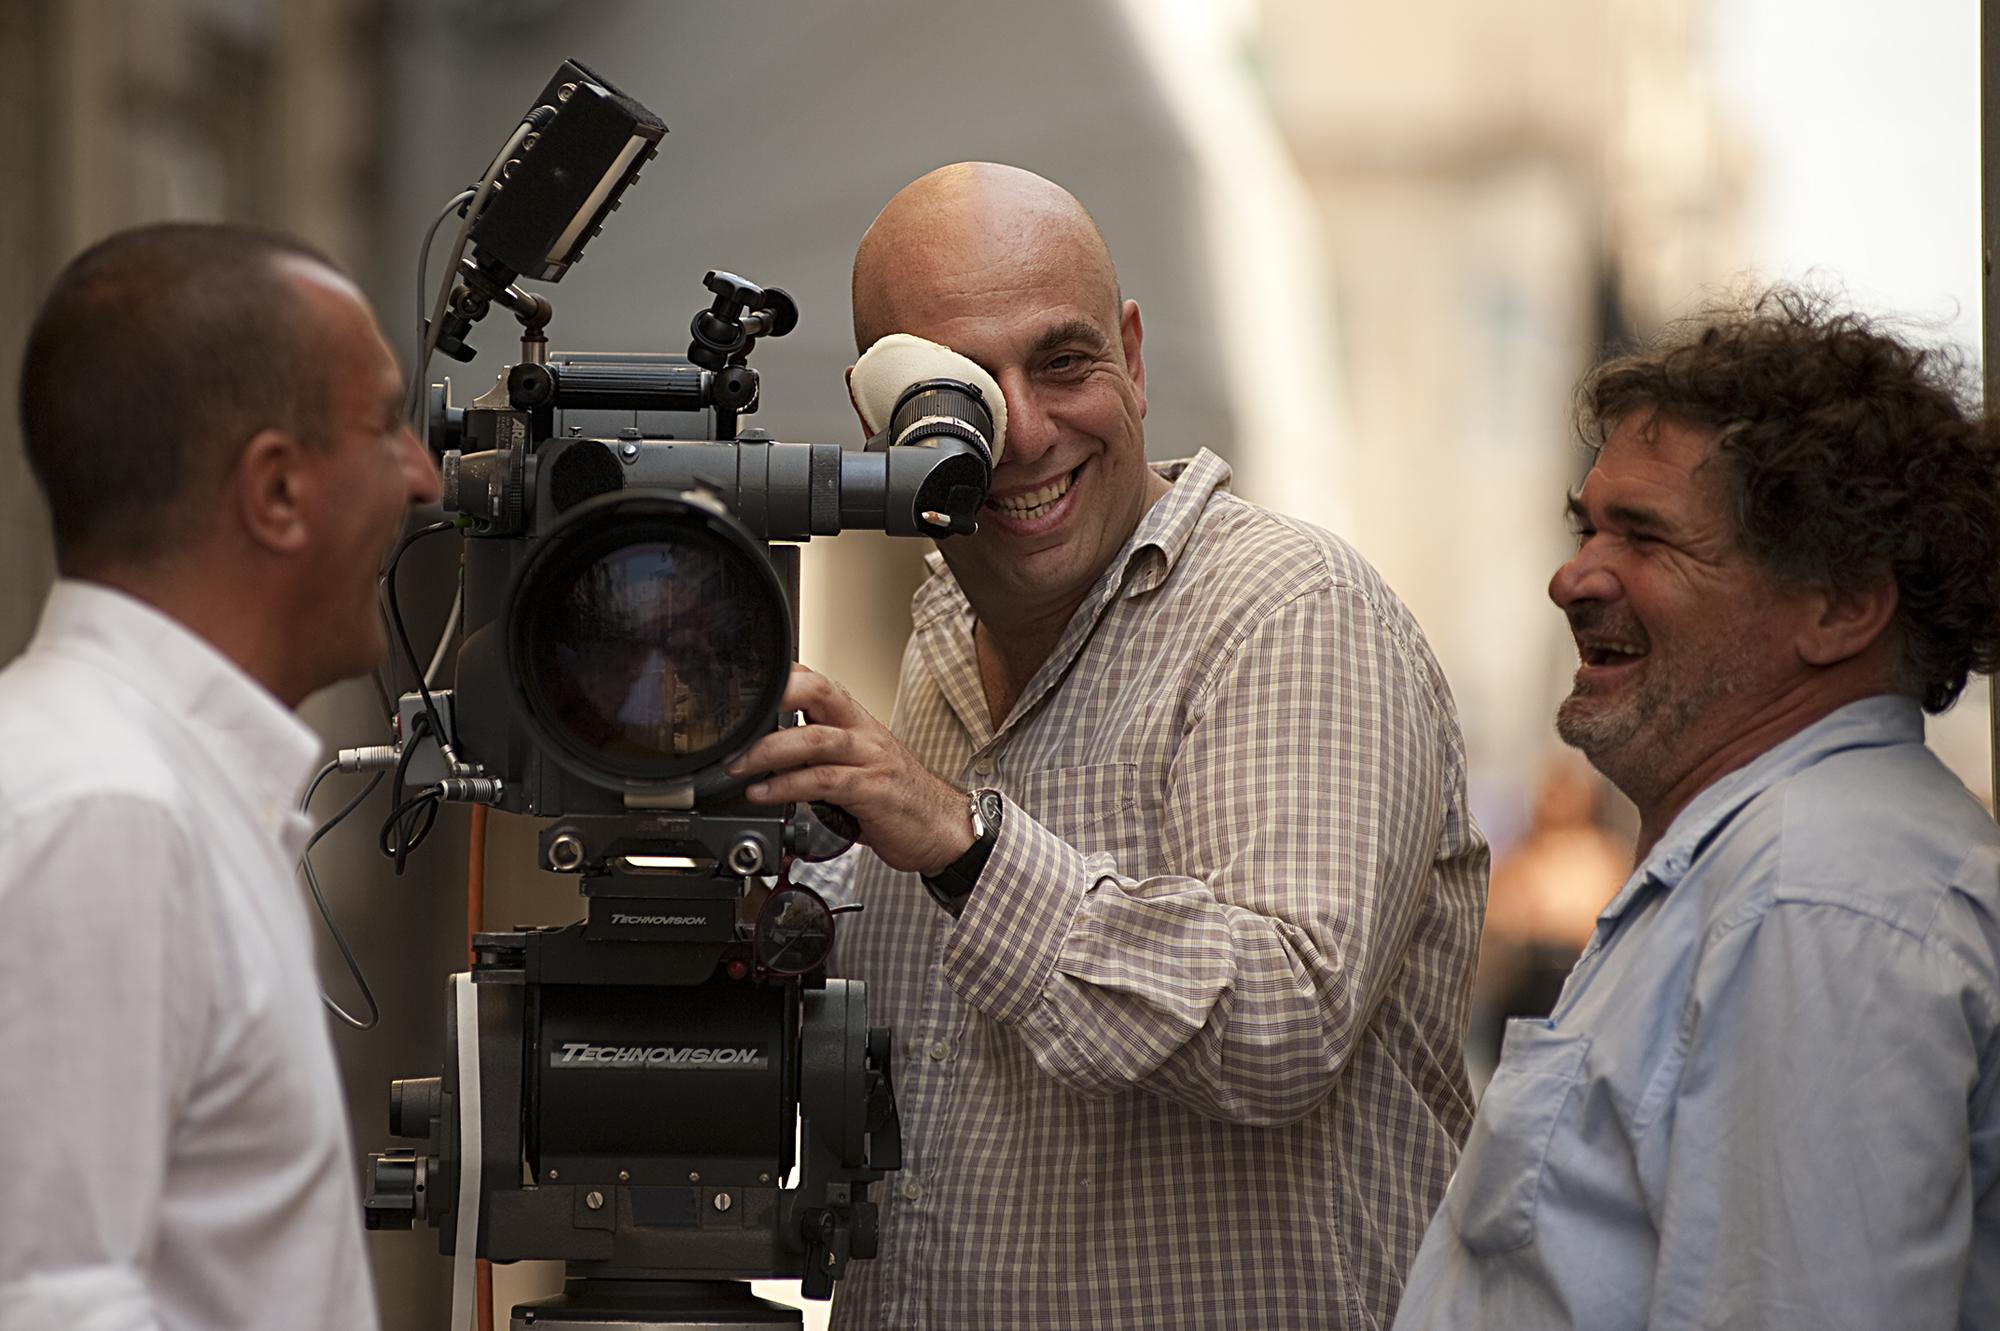 Nicola Pecorini and Paolo Virzì in La prima cosa bella (2010)